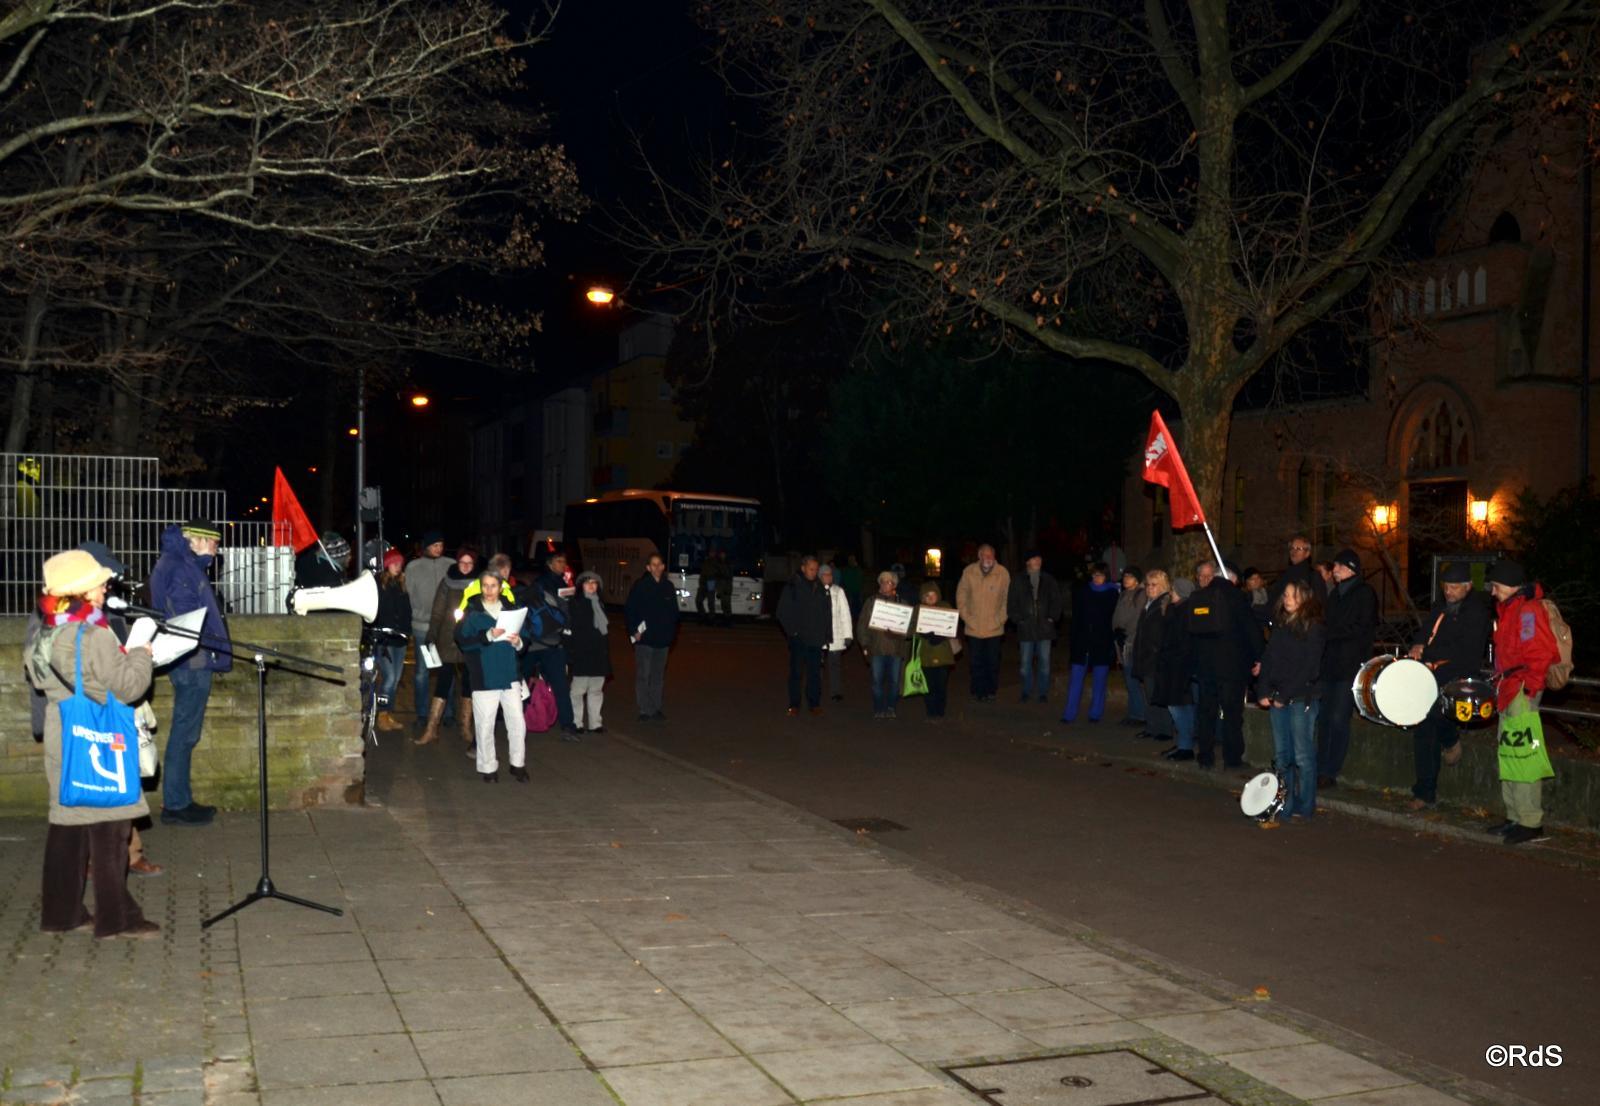 01.12.2016 Wir waren 50 Protestanten (Demonstranten)